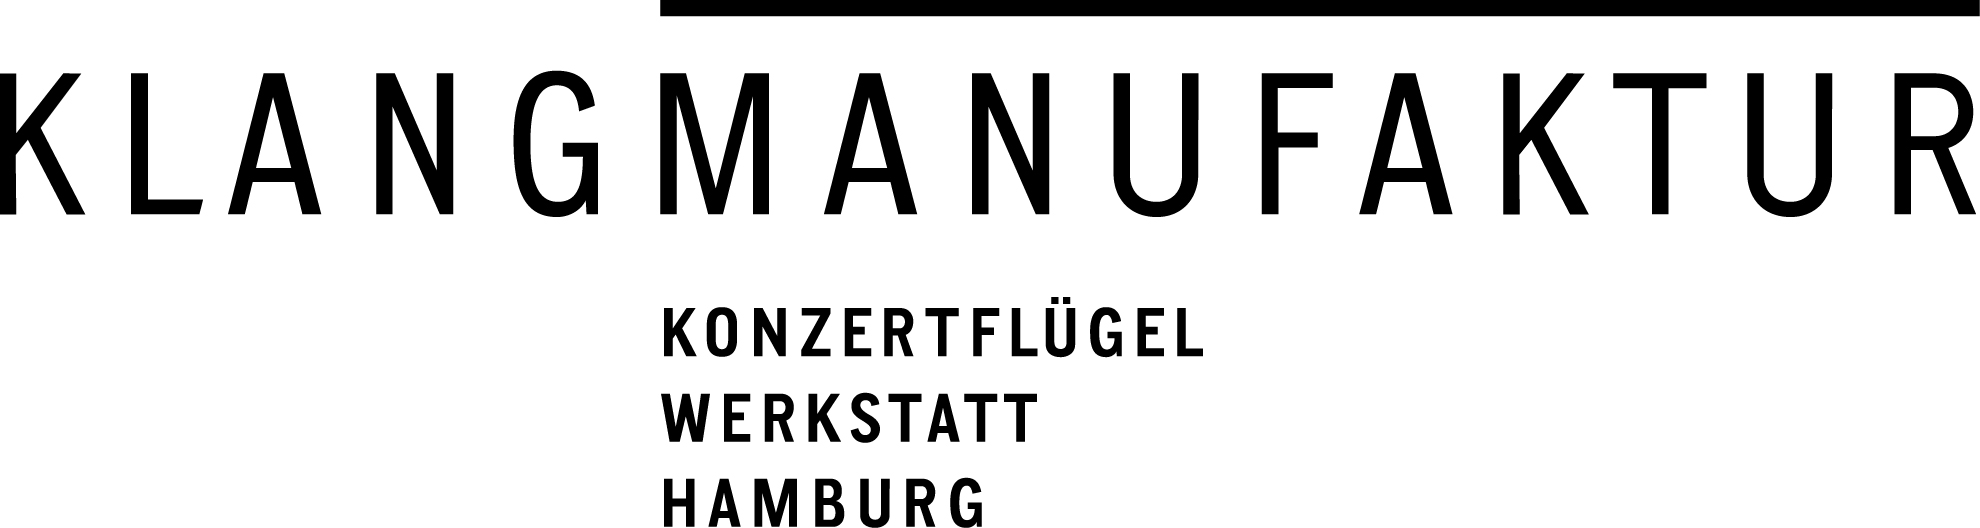 Klangmanufaktur Logo.jpg